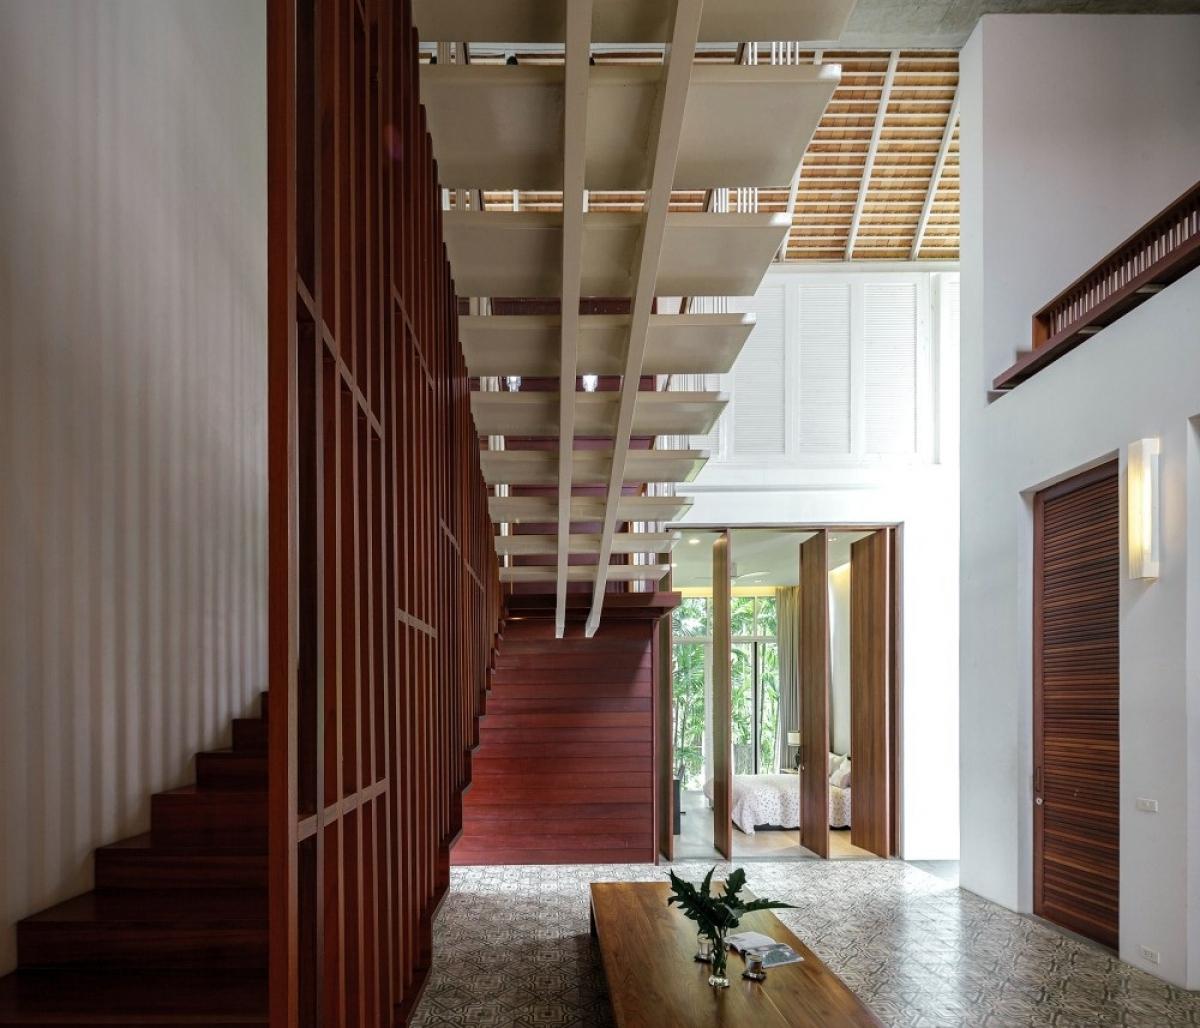 Bên trong căn nhà sử dụng nhiều vật liệu gỗ mang lại cảm giác gần gũi, ấm áp.